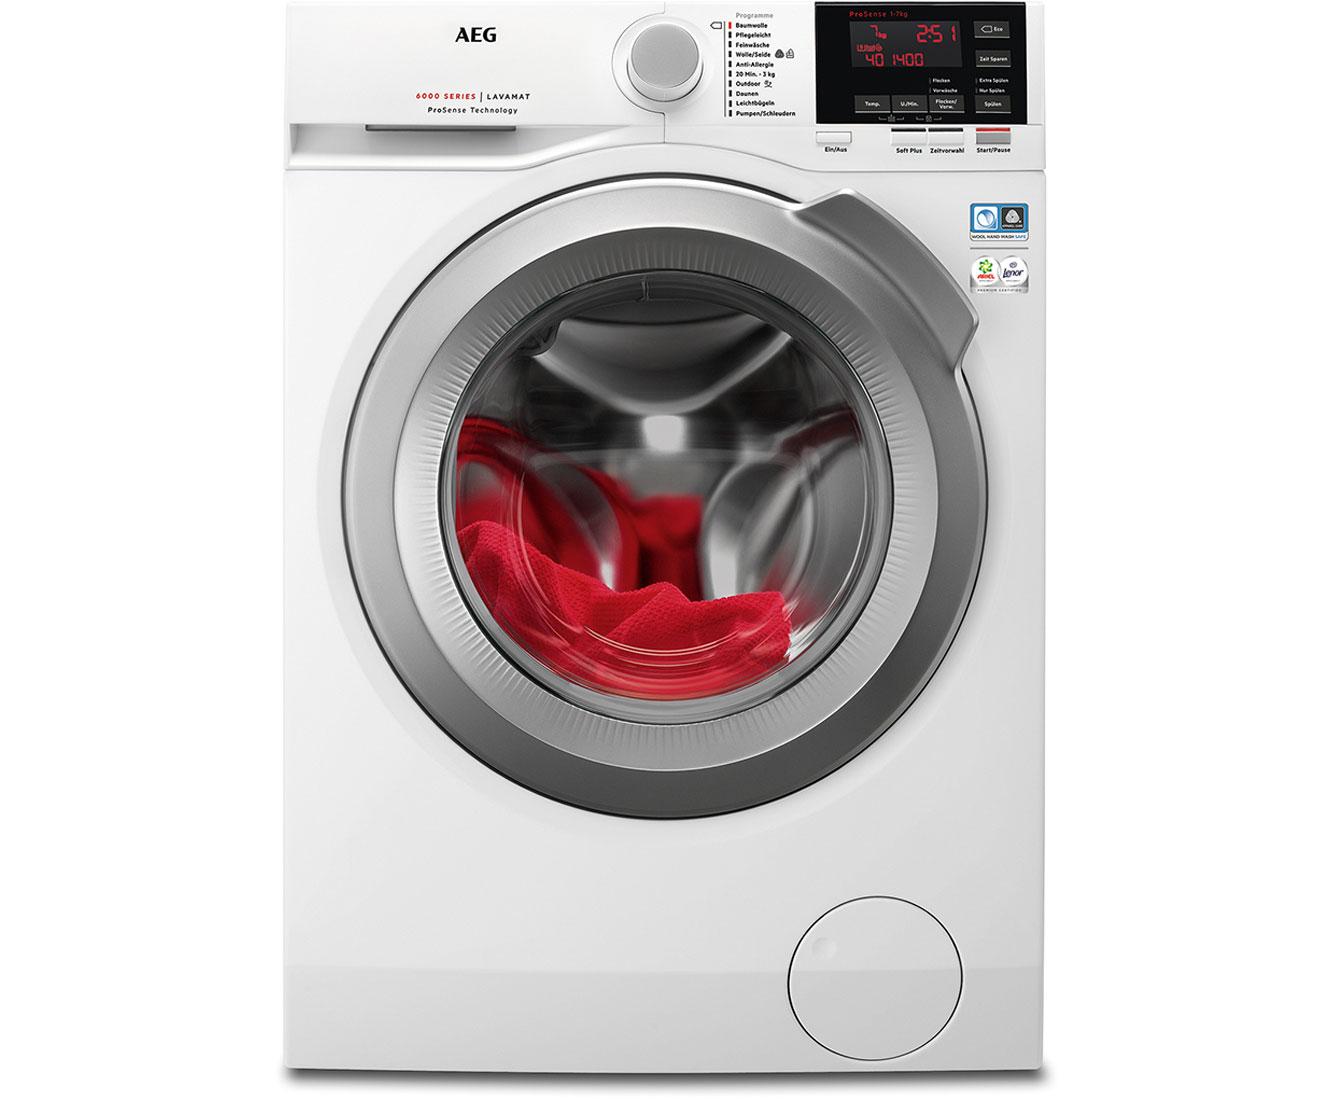 AEG Serie 6000 L6FB64470 Waschmaschine - Weiß, 7 kg, 1400 U/Min, A+++